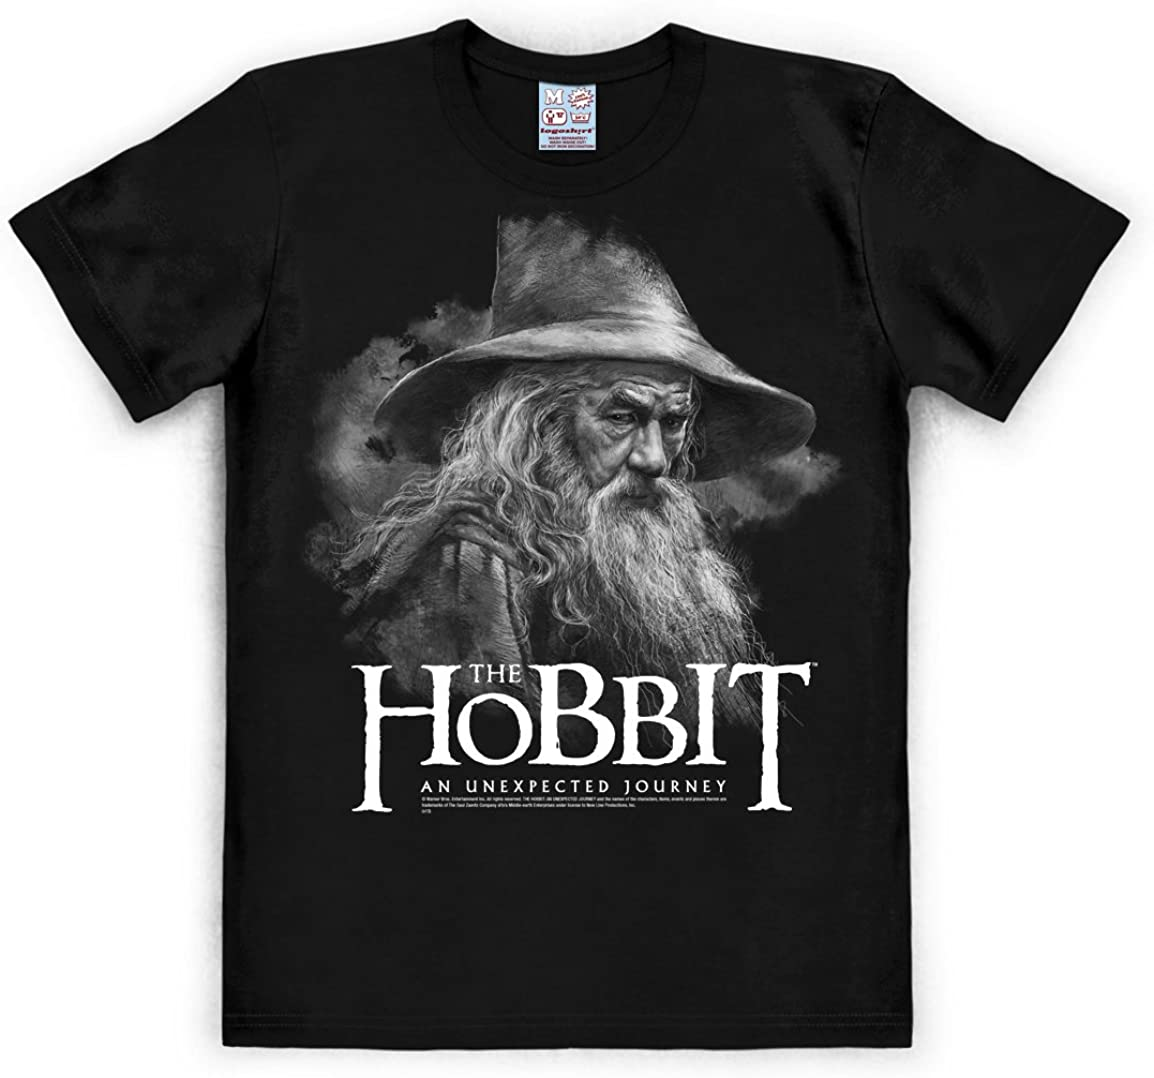 Logoshirt Camiseta Gandalf - Camiseta El Hobbit: Un Viaje Inesperado - The Hobbit: An Unexpected Journey - Camiseta con Cuello Redondo Negro - Diseño Original con Licencia: Amazon.es: Ropa y accesorios